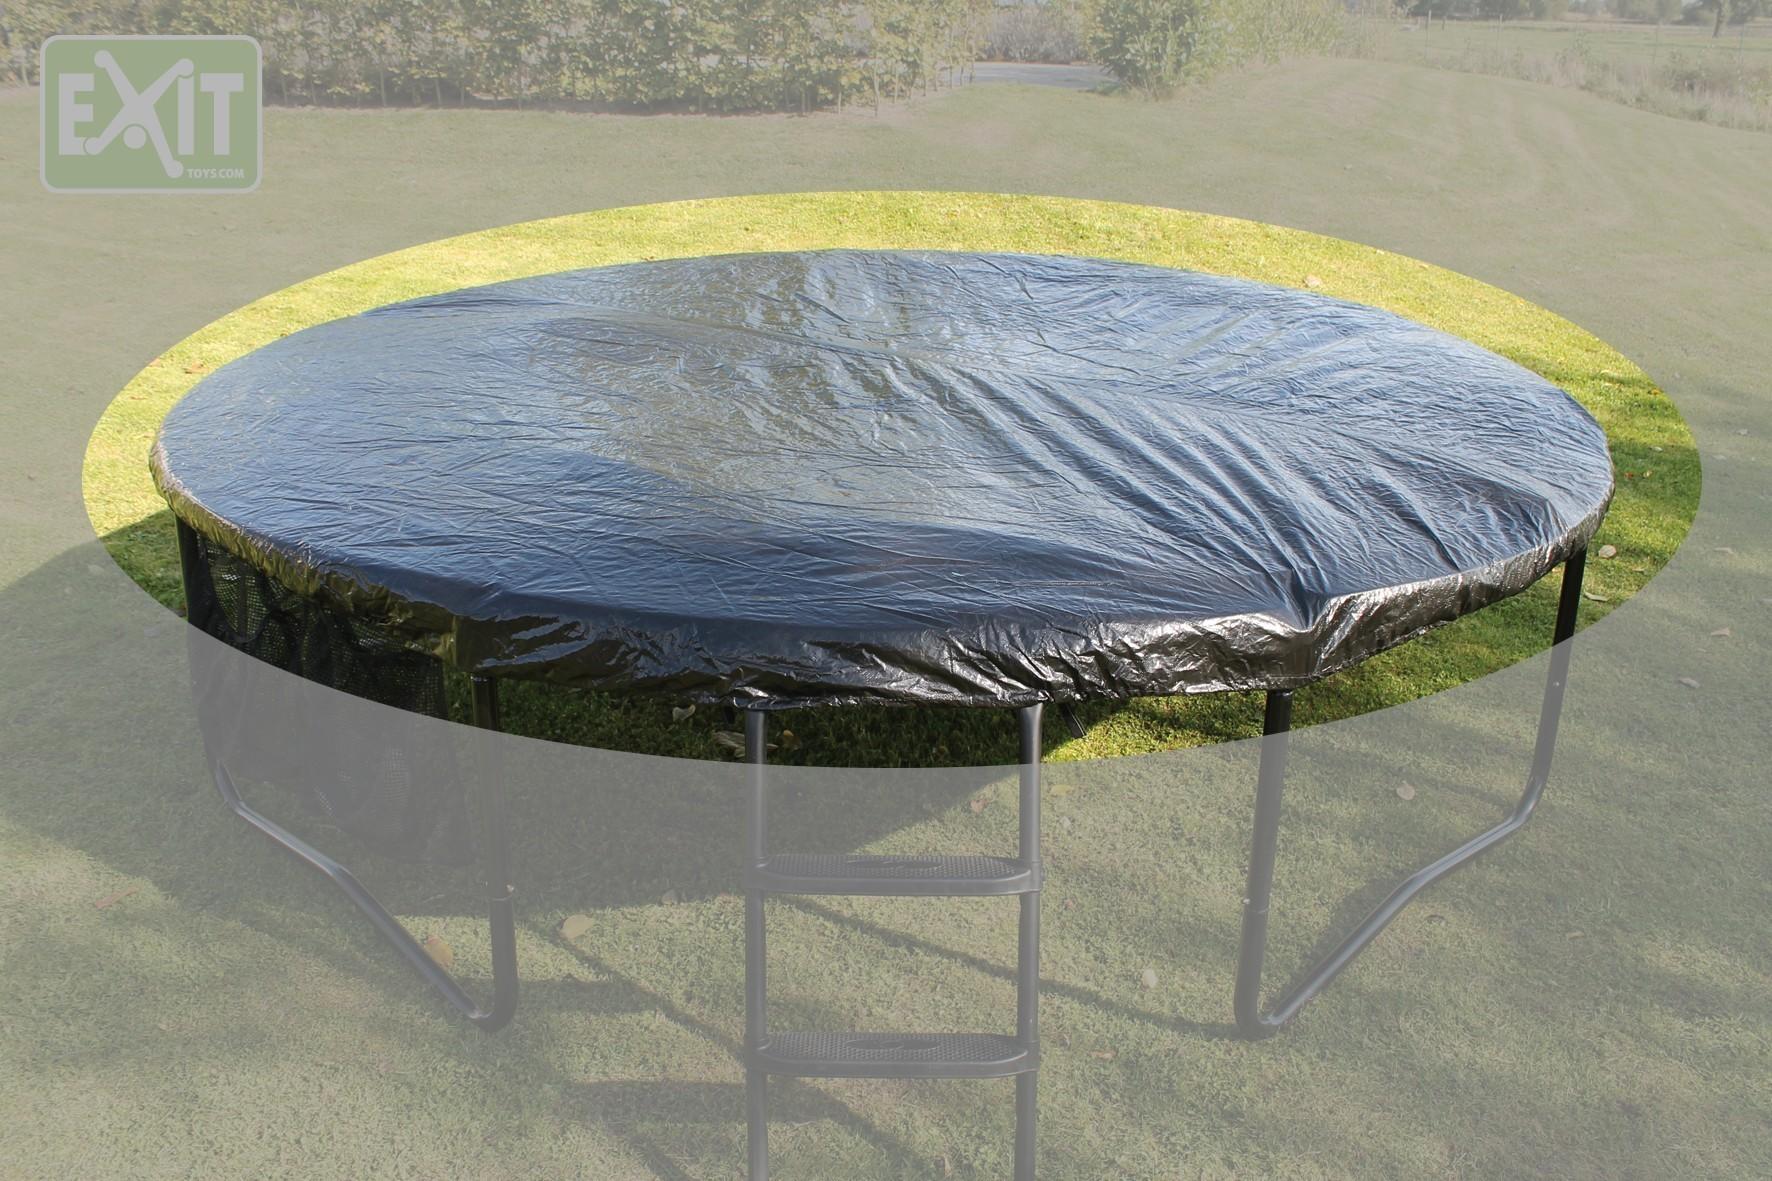 Abdeckplane für Trampolin EXIT bis Ø427cm Bild 1